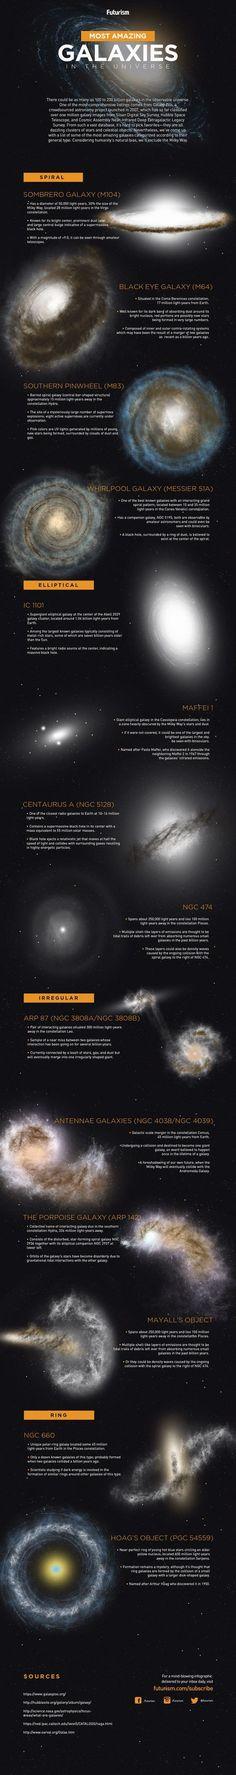 Galaxies impresionnantes